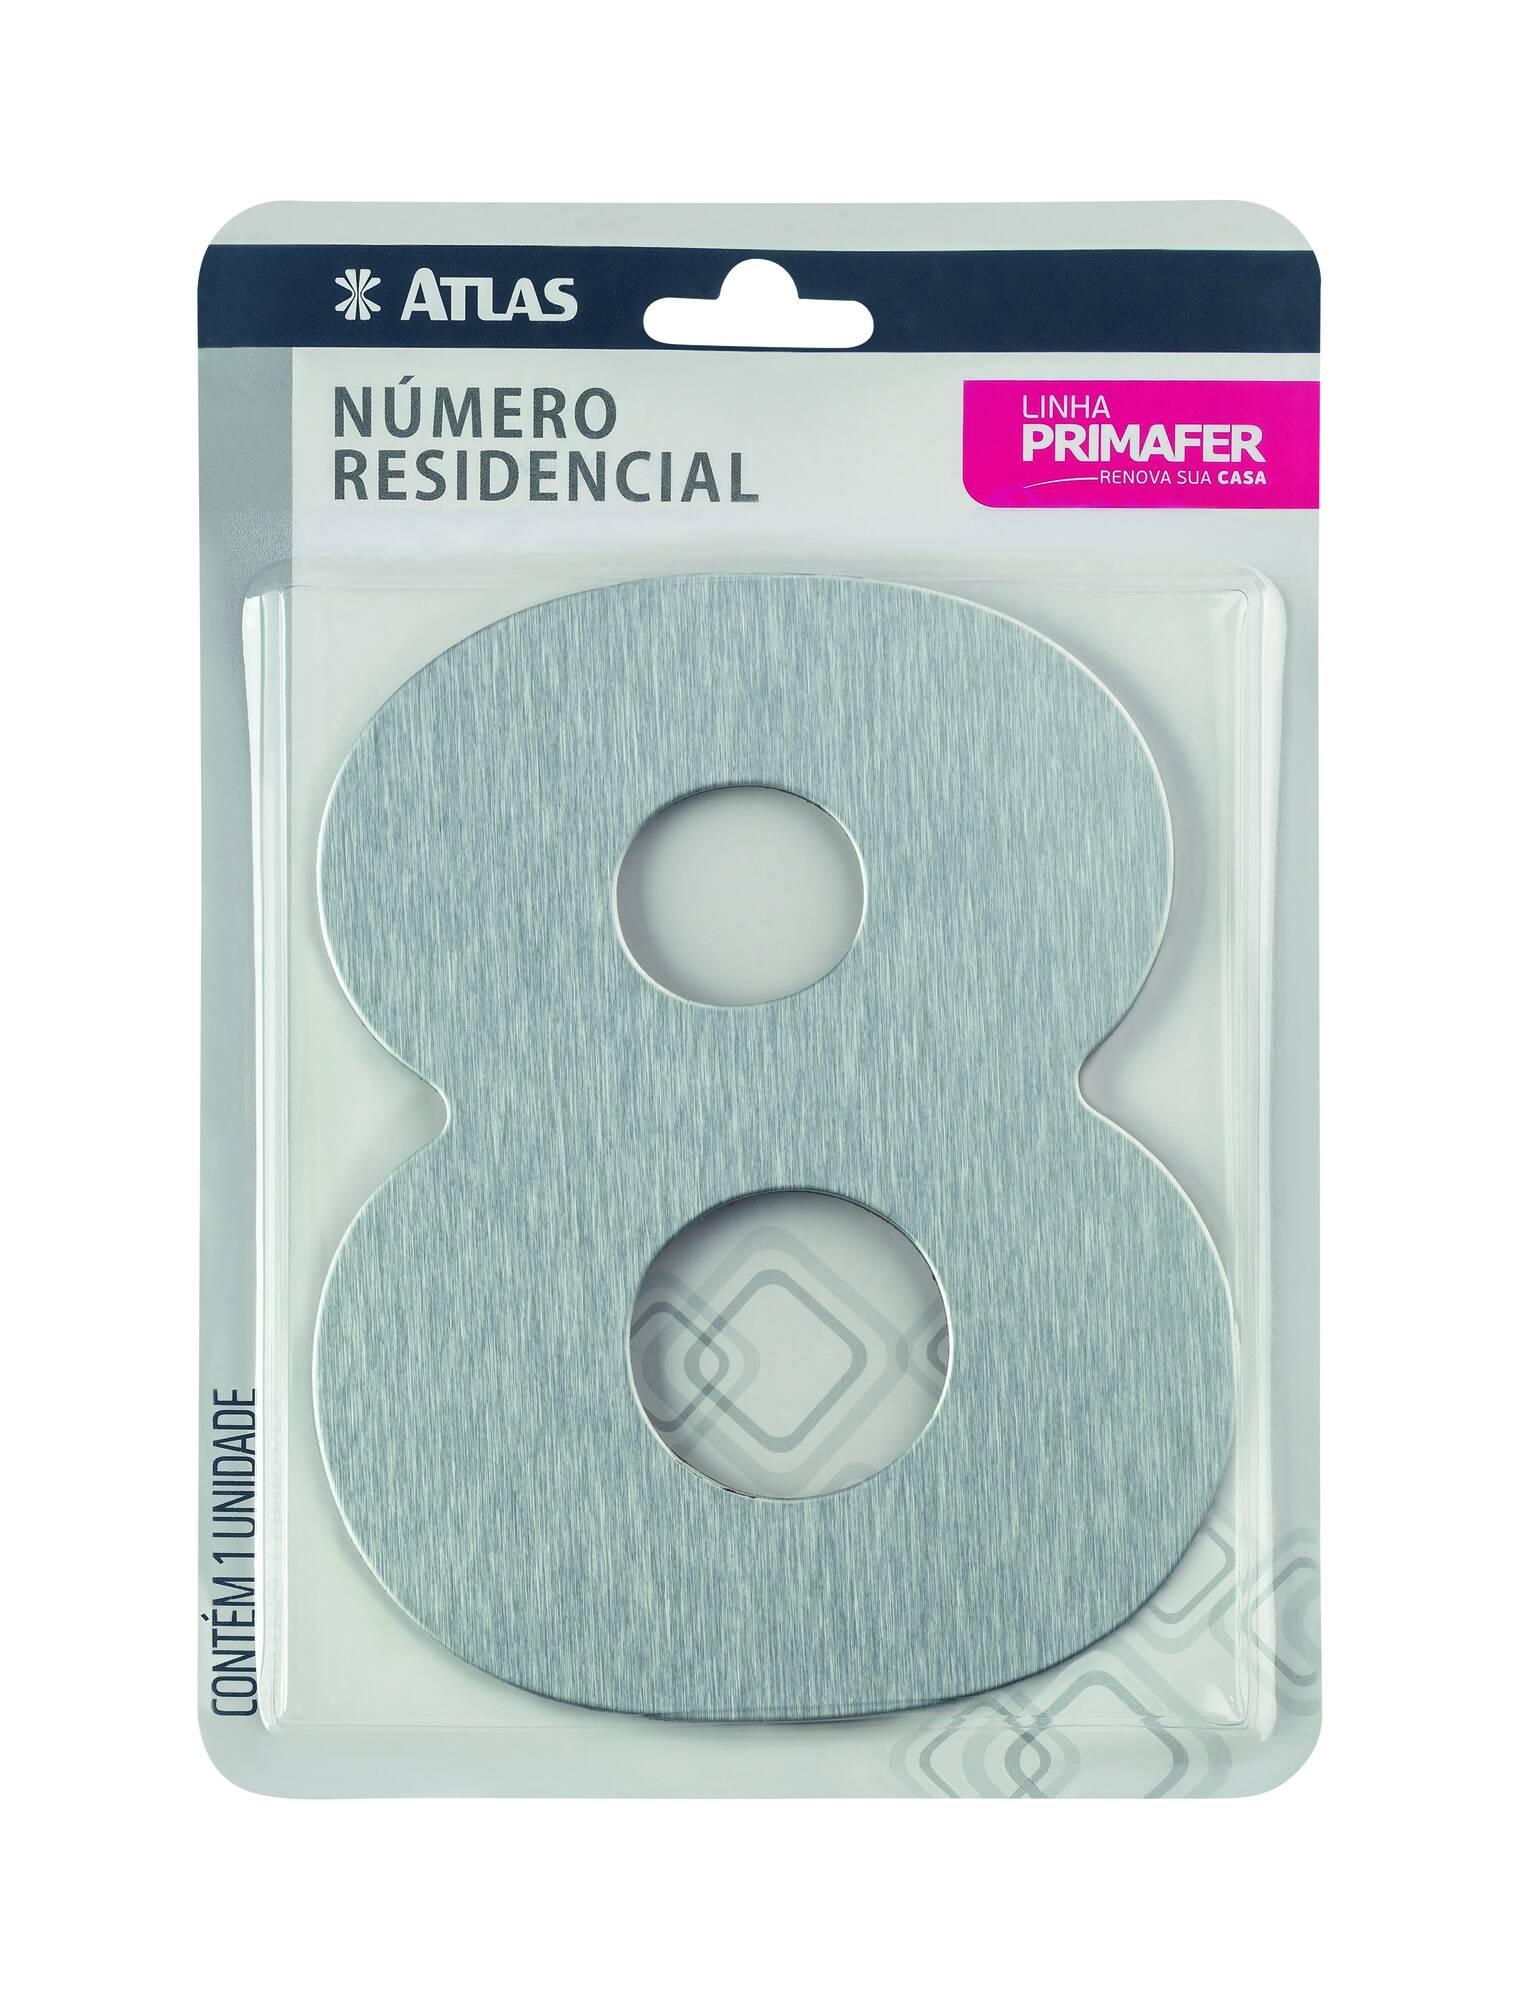 Número Residencial Adesivo Alumínio N° 8 Atlas PR3001/8.